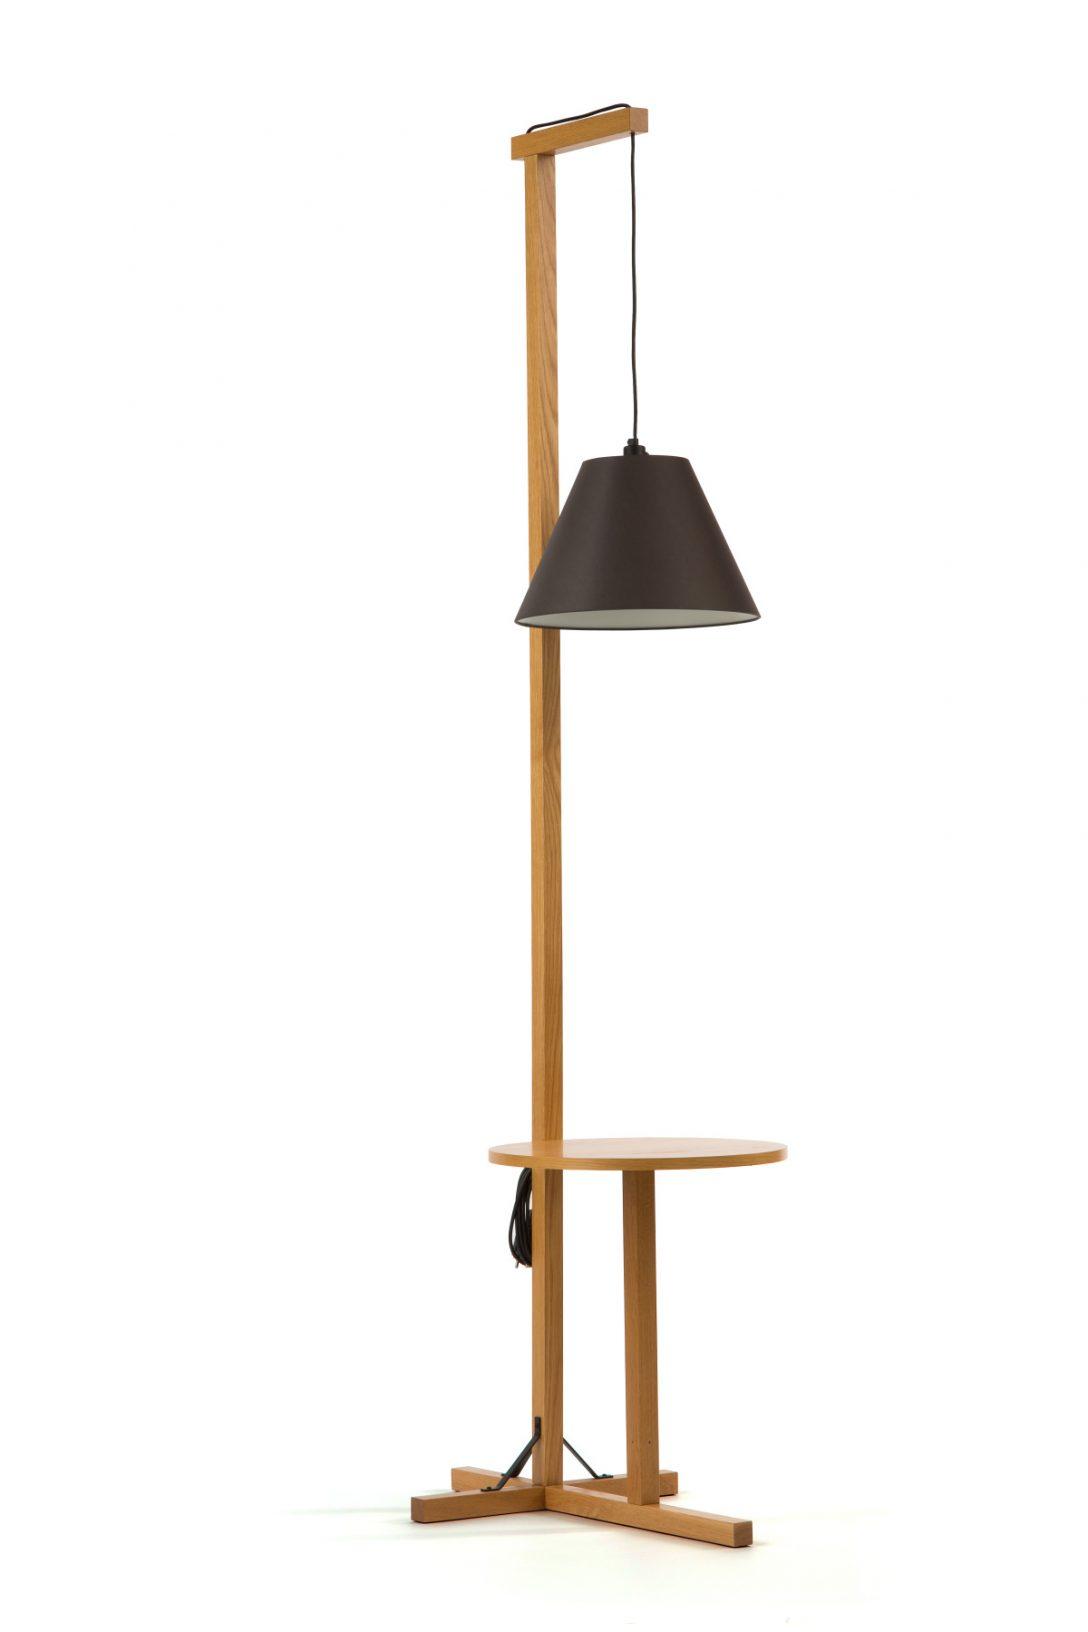 Large Size of Wohnzimmer Stehlampe Stehlampen Modern Holz Dimmbar Ikea Stehleuchte Led Beistelltisch Flim Lampe Tisch Eiche Couchtisch Dynamic 24de Landhausstil Wandbild Wohnzimmer Wohnzimmer Stehlampe